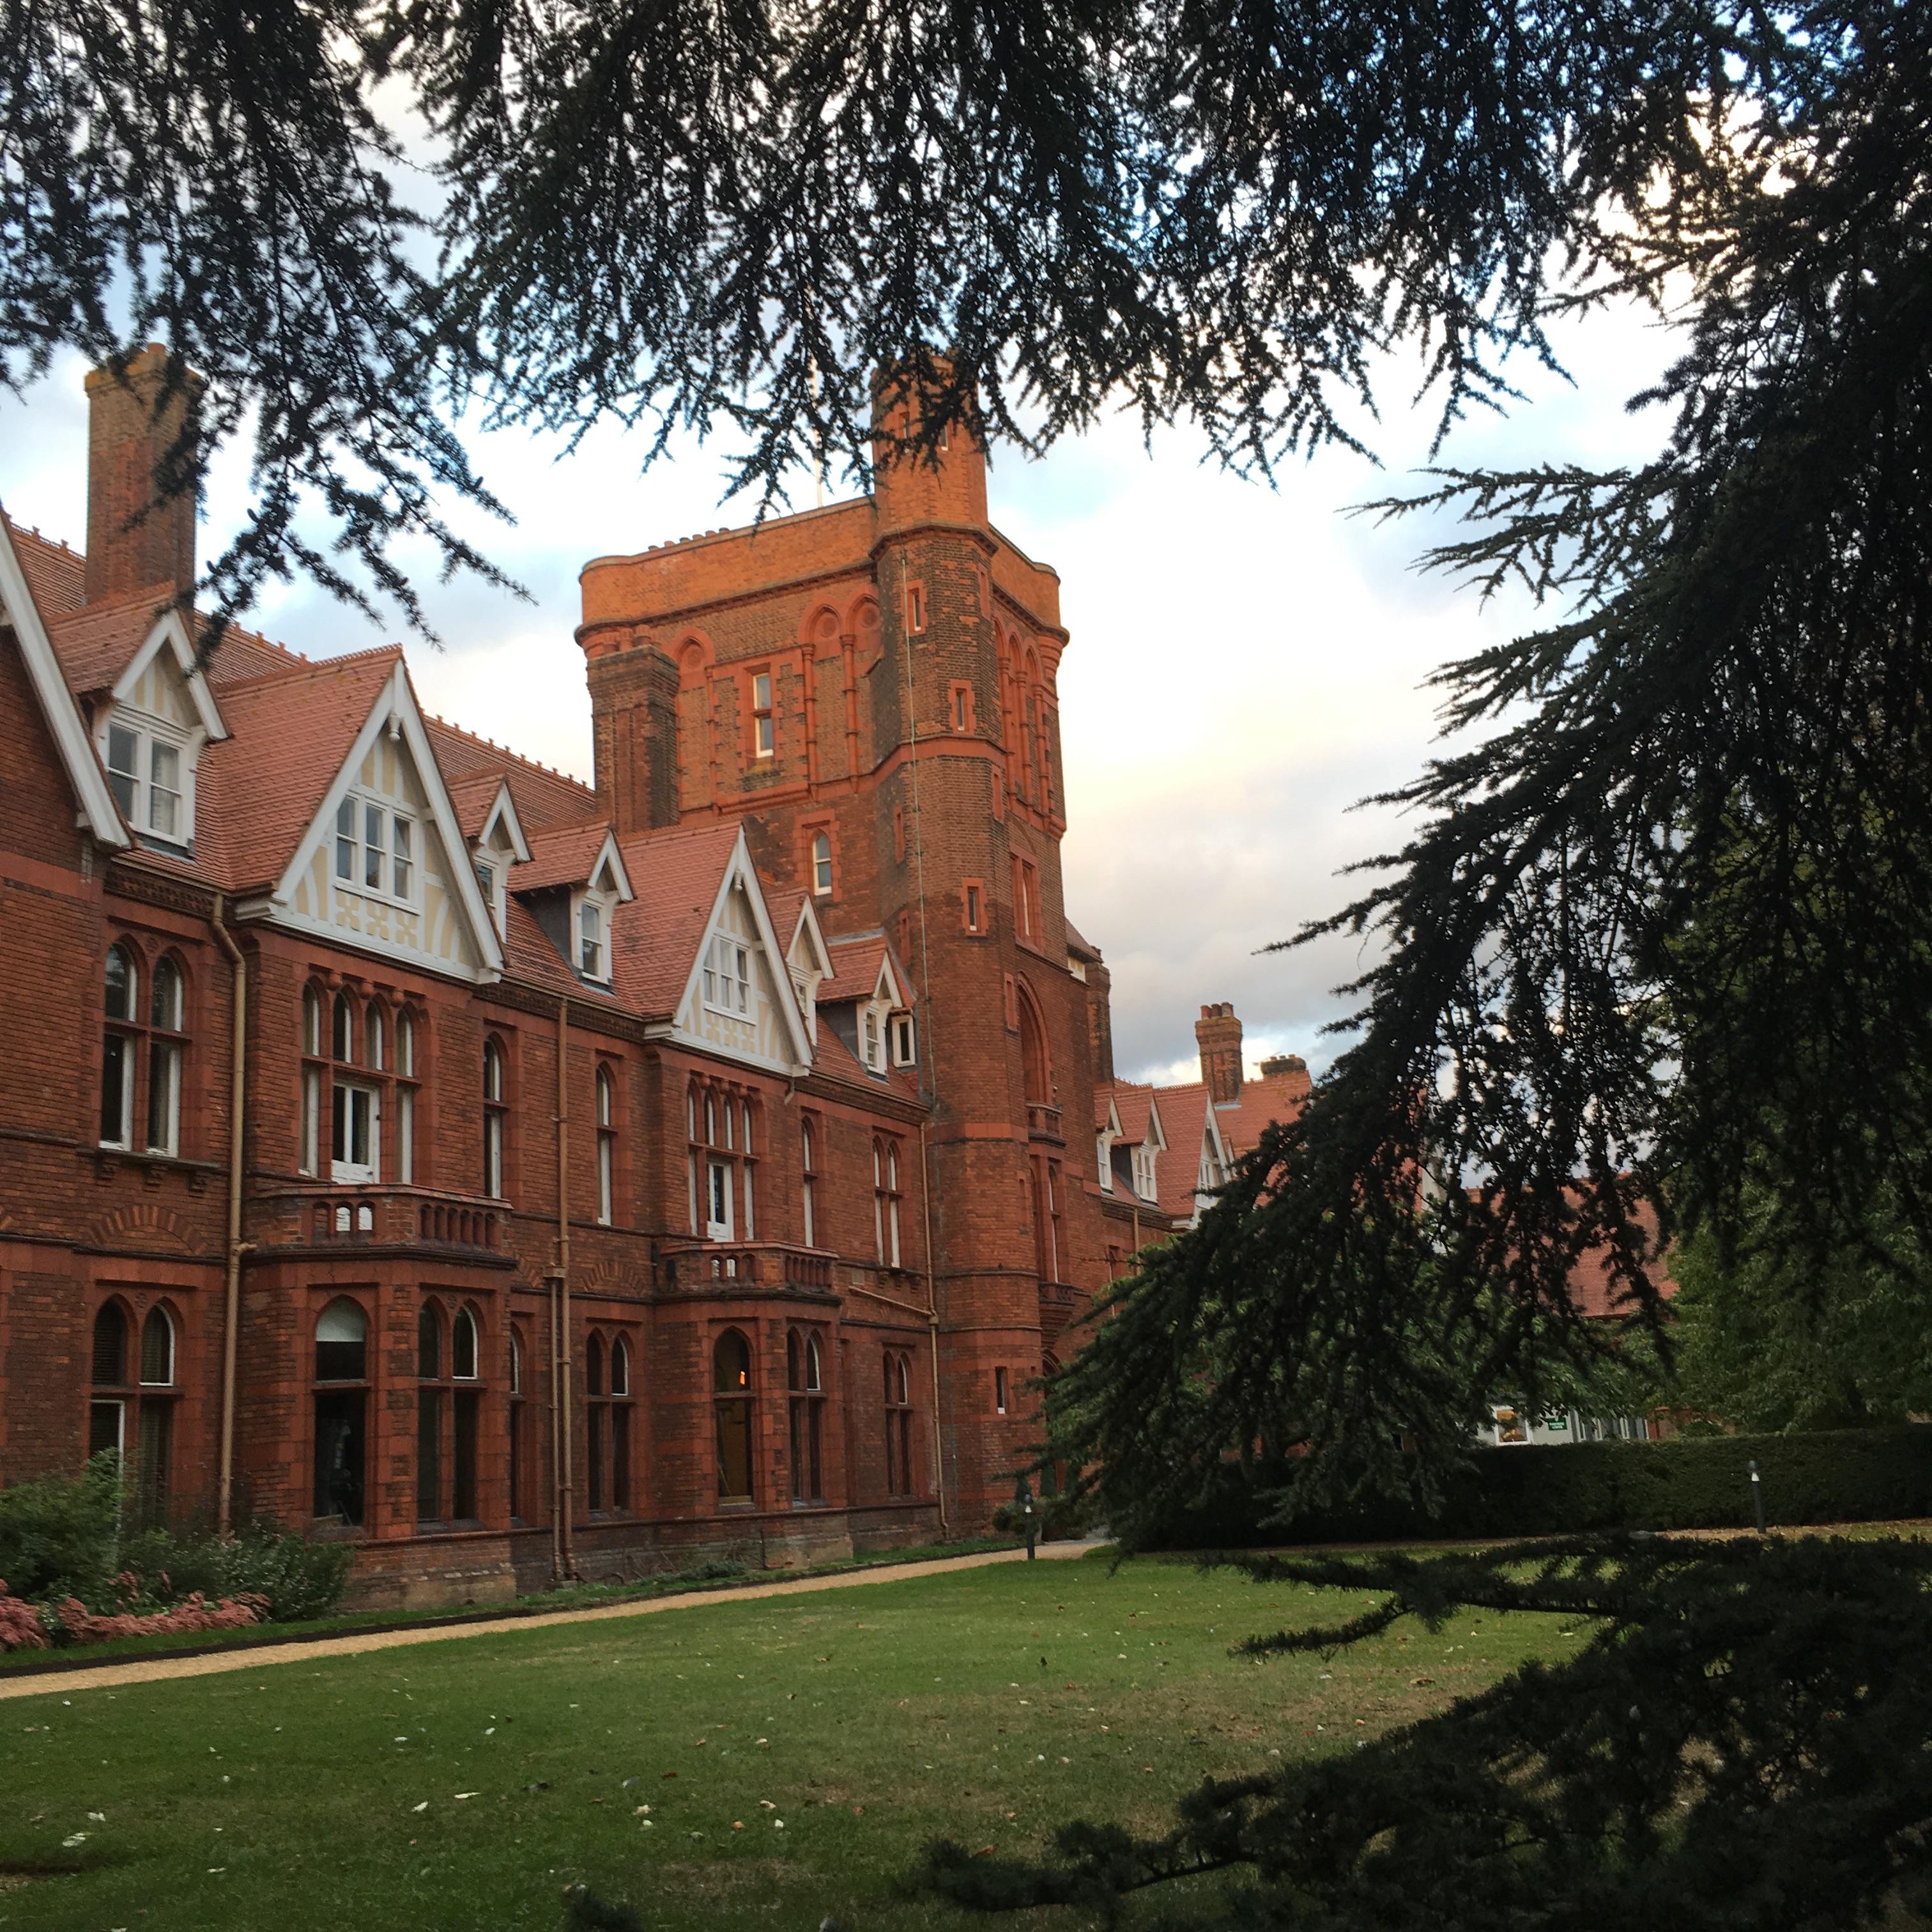 Girton College Cambridge September 2018